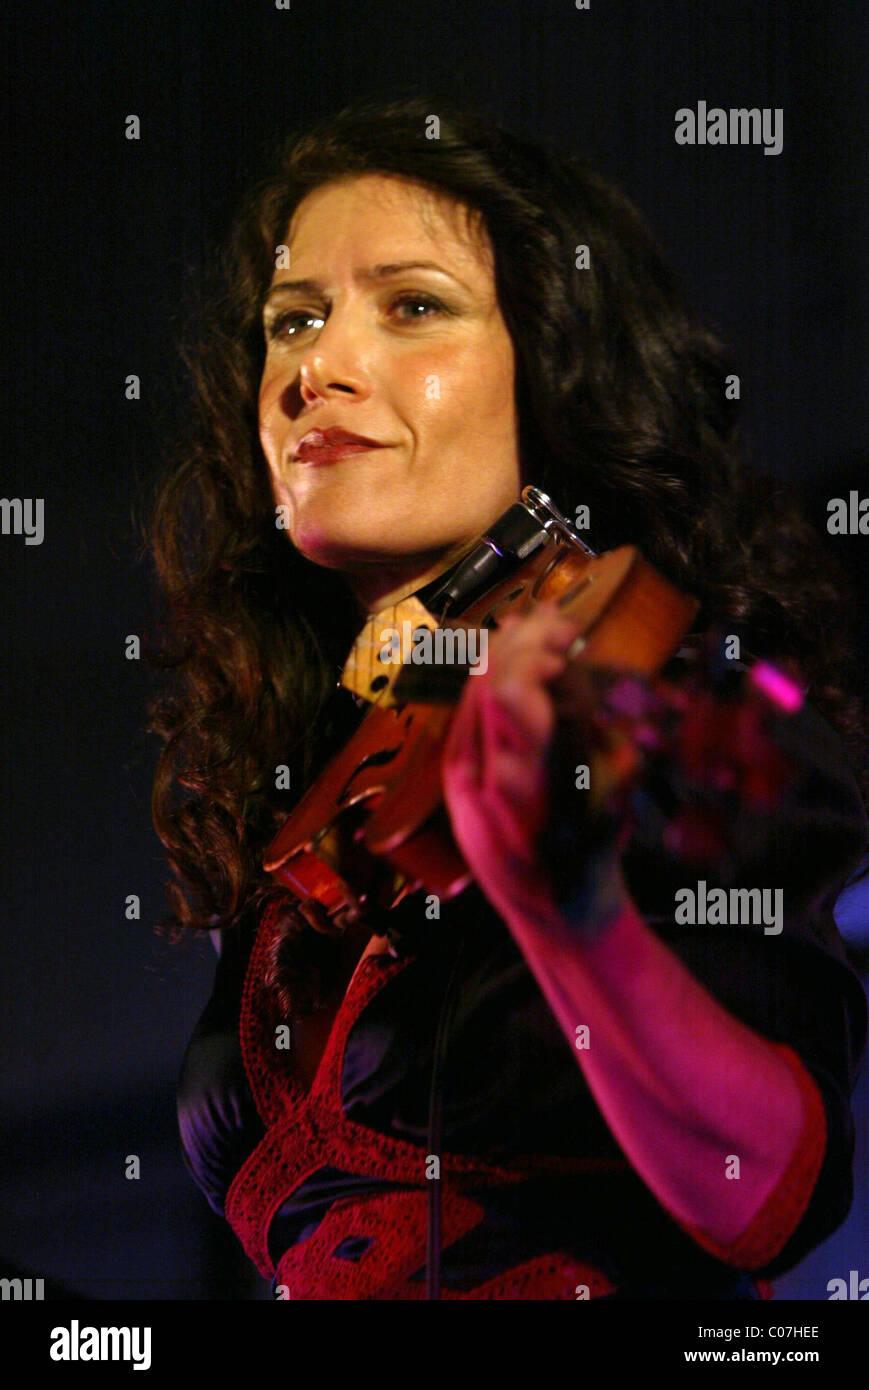 Adele Silva Hot image Paula Patton,Mitzi McCall